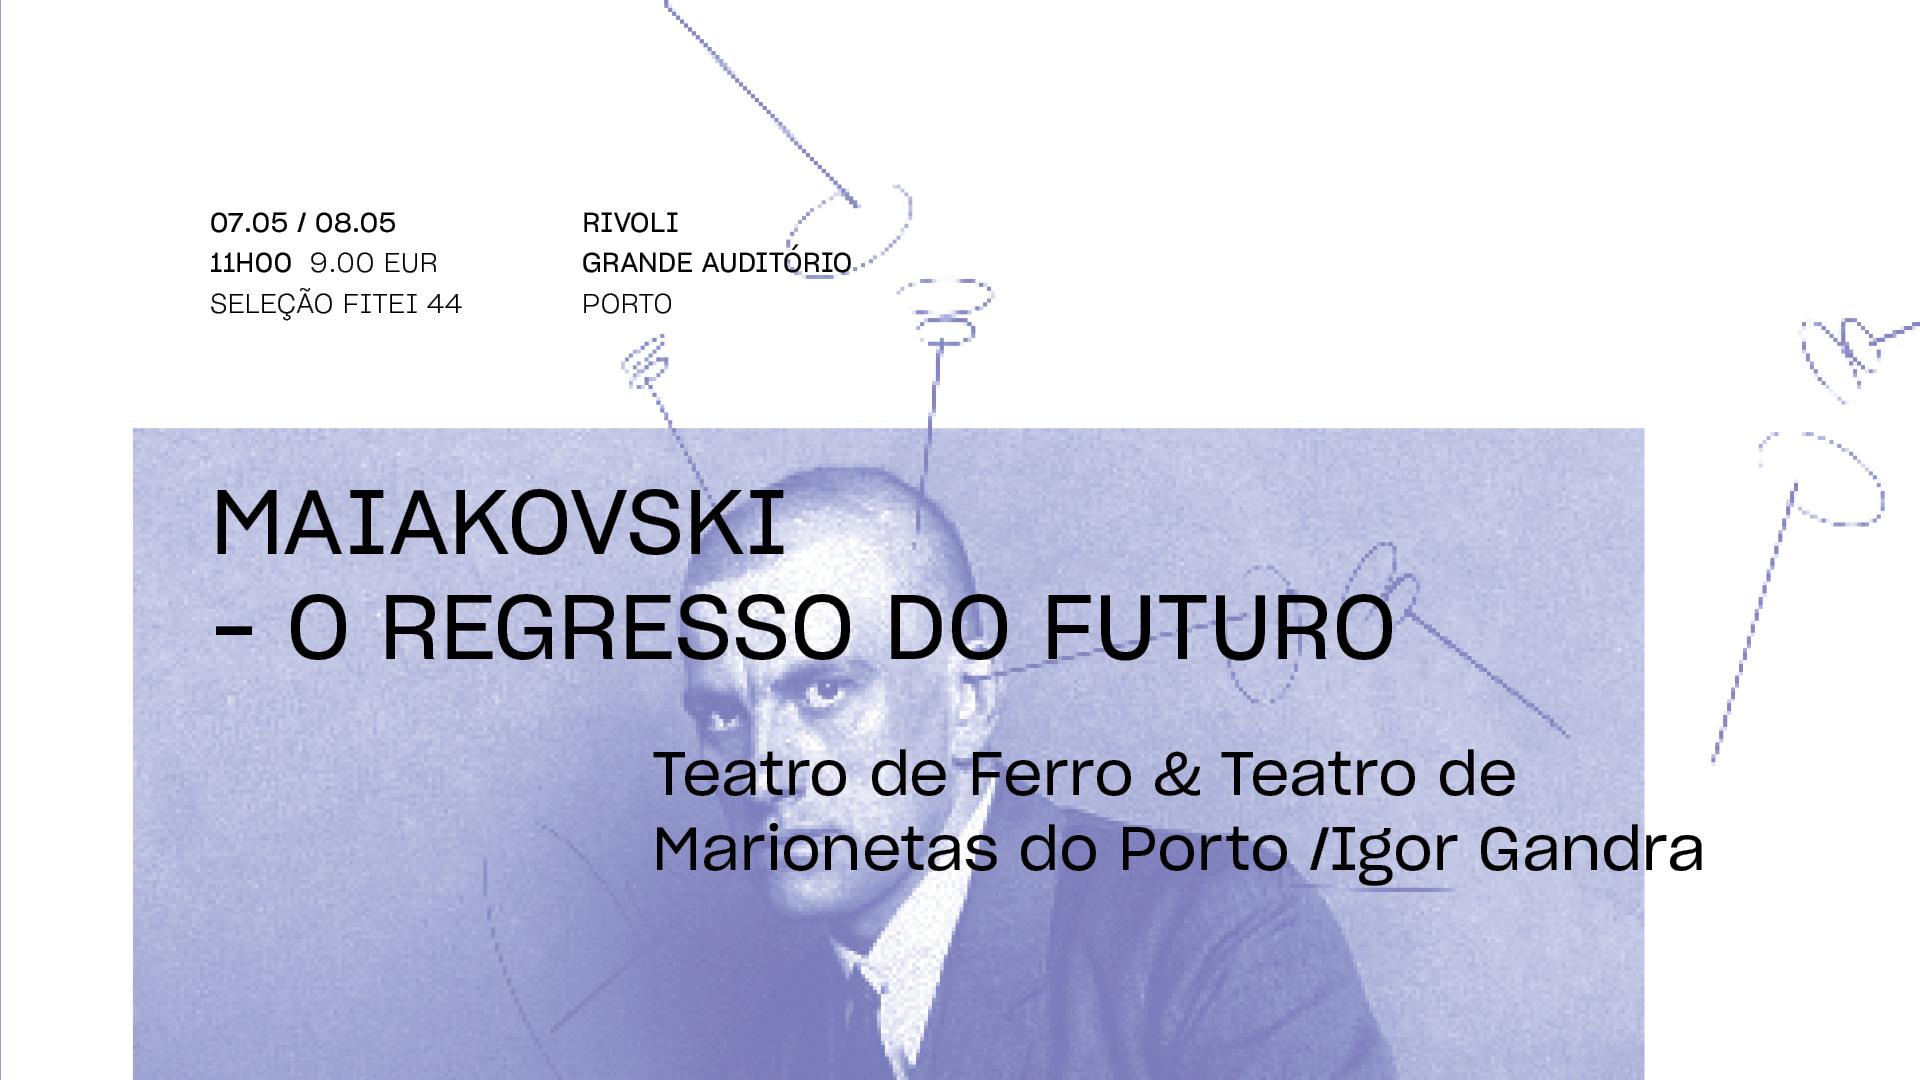 Maiakovski – O Regresso do Futuro •  TEATRO DE FERRO & TEATRO DE MARIONETAS DO PORTO / IGOR GANDRA